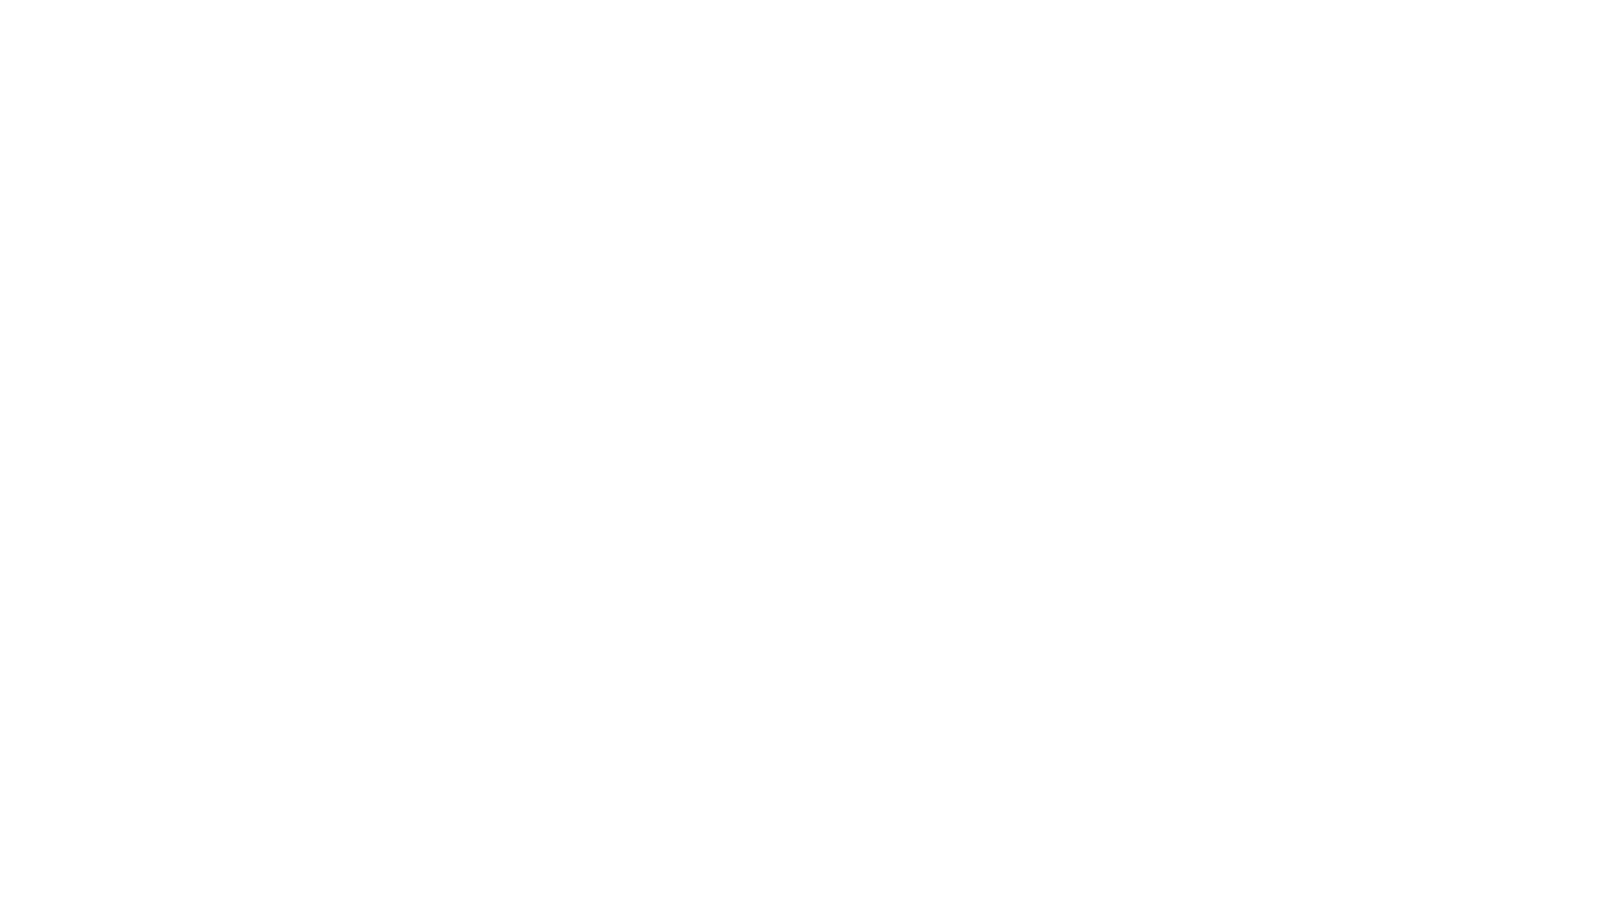 I menneskets udvikling har relationer en afgørende betydning. Via relationerne er vi med til at dække hinandens behov. David Fontana skriver i sin bog Sociale færdigheder i den professionelle hverdag følgende om menneskers behov: Evnen til at skabe gode relationer til andre mennesker indebærer, at man hjælper dem til at opfylde i det mindste nogle af deres behov.